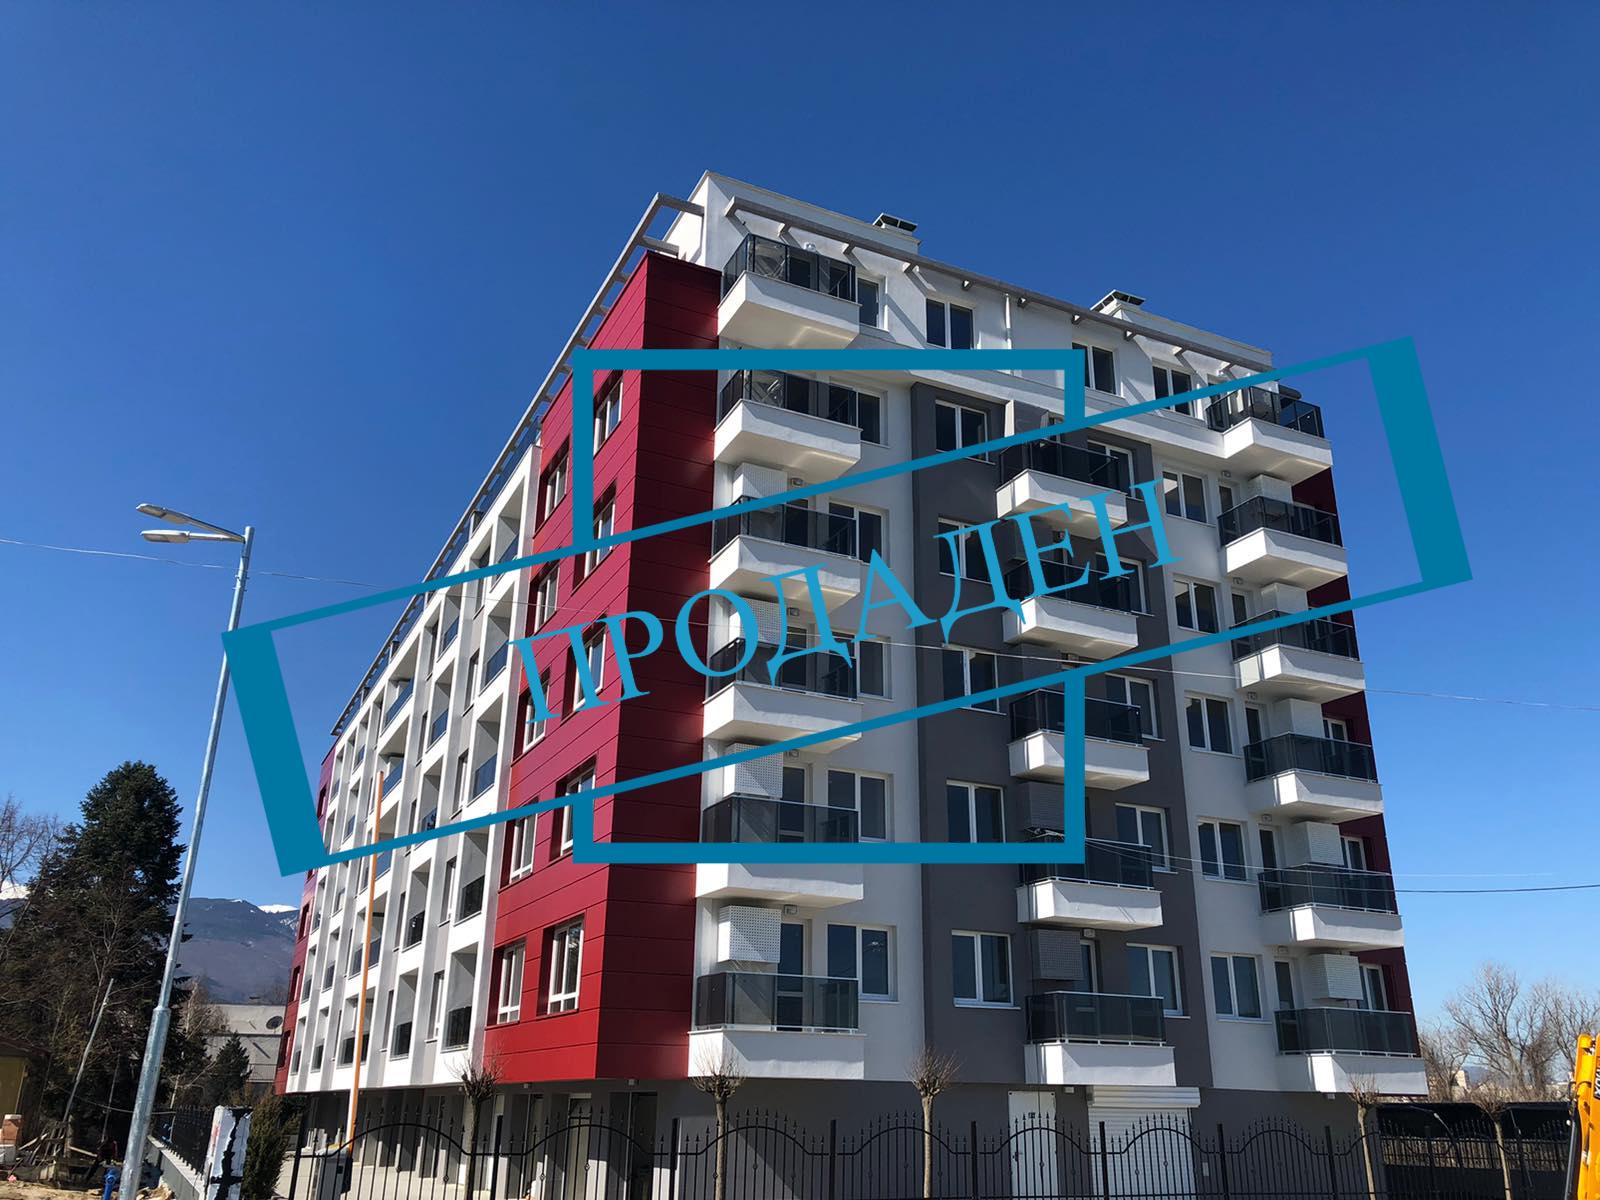 Двустаен апартамент в Младост 1 до метростанция